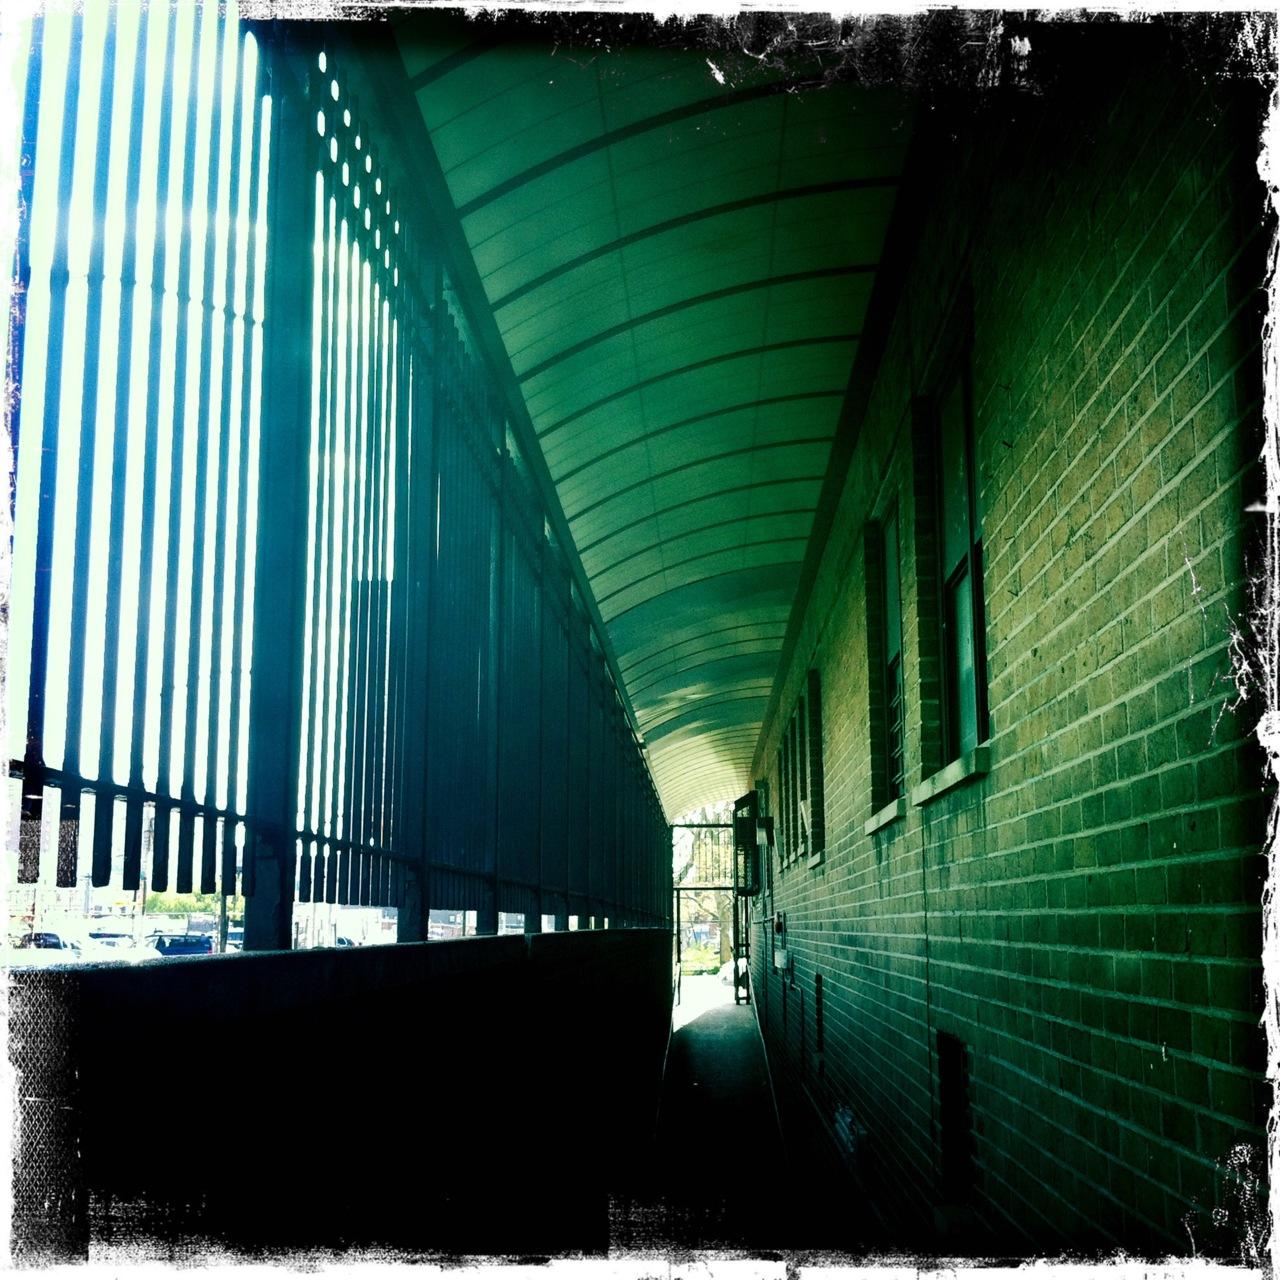 Walkway.